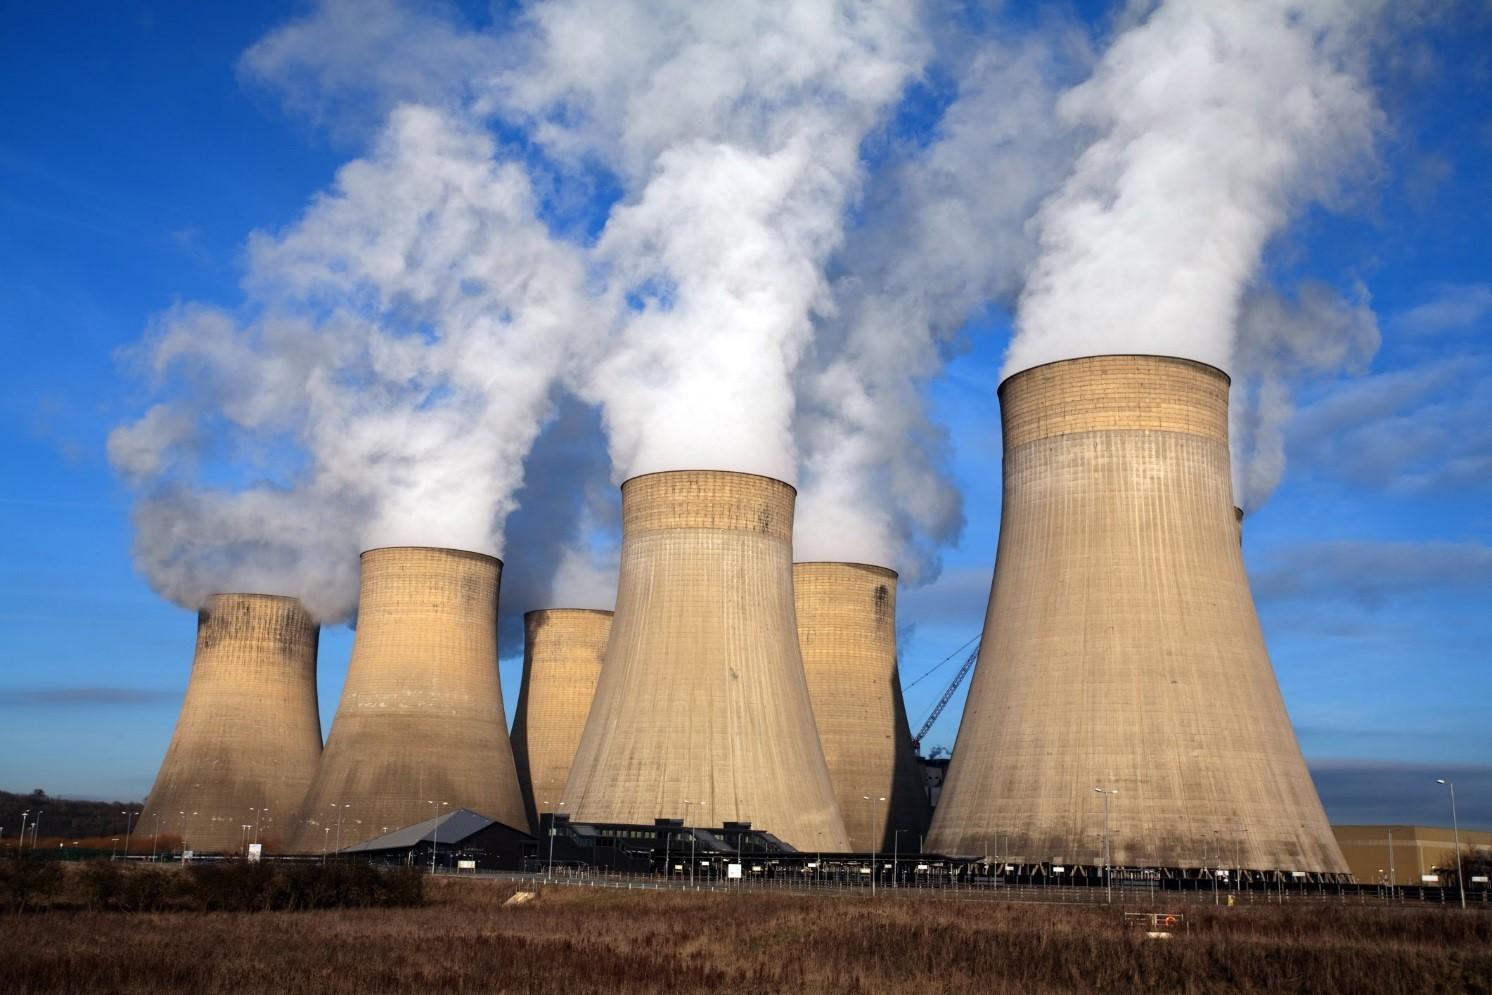 首个宣布全面弃核的国家出现!中国也下决心开发新能源,各国跟进